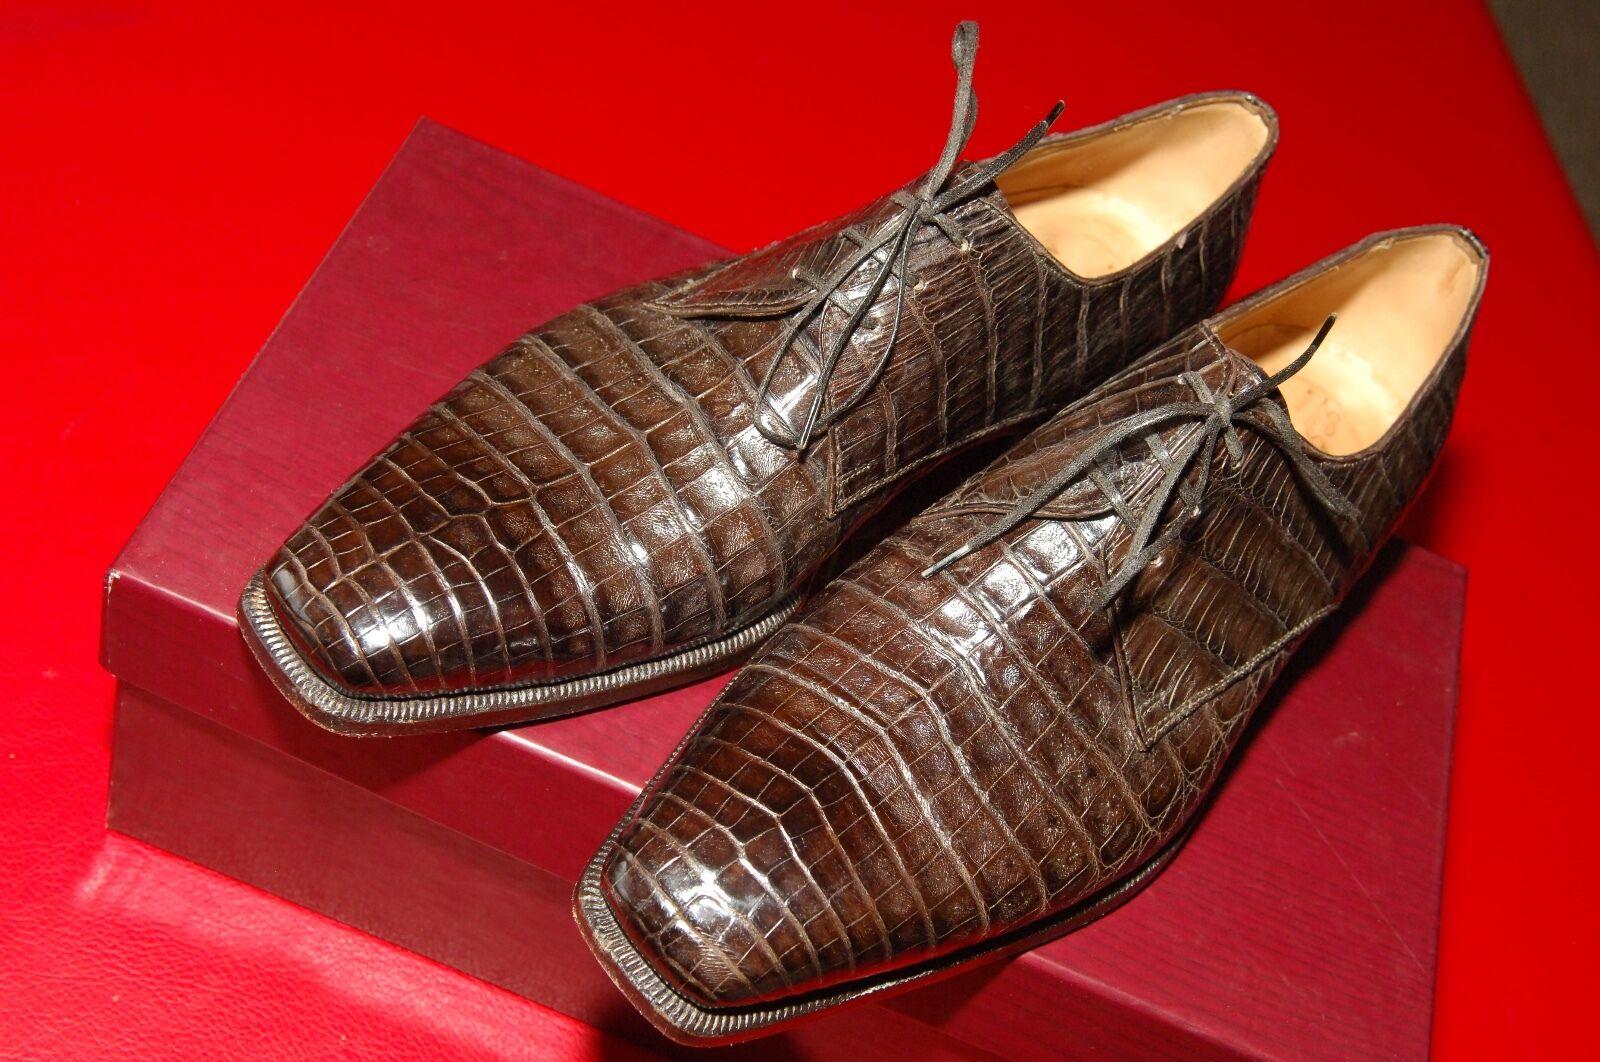 Homme Lidfort Crocodile Chaussures à lacets, marron chocolat, EU 9, US 10, Comme neuf